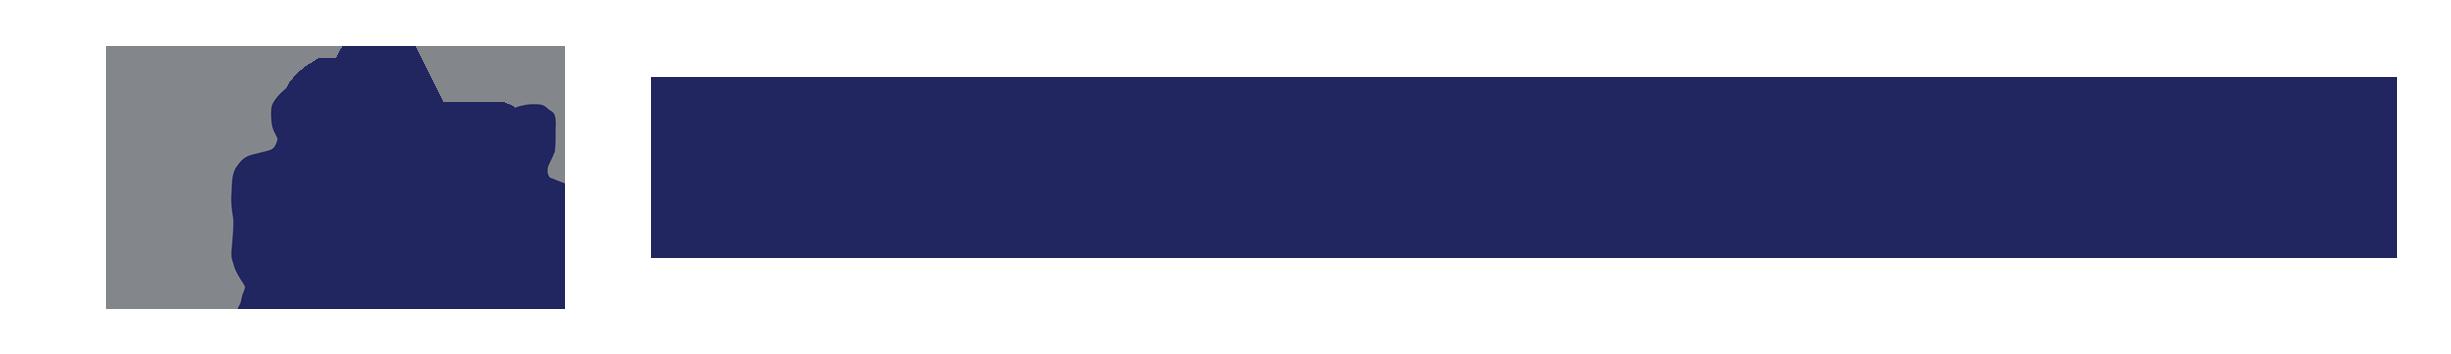 steinbauer-logo-trans